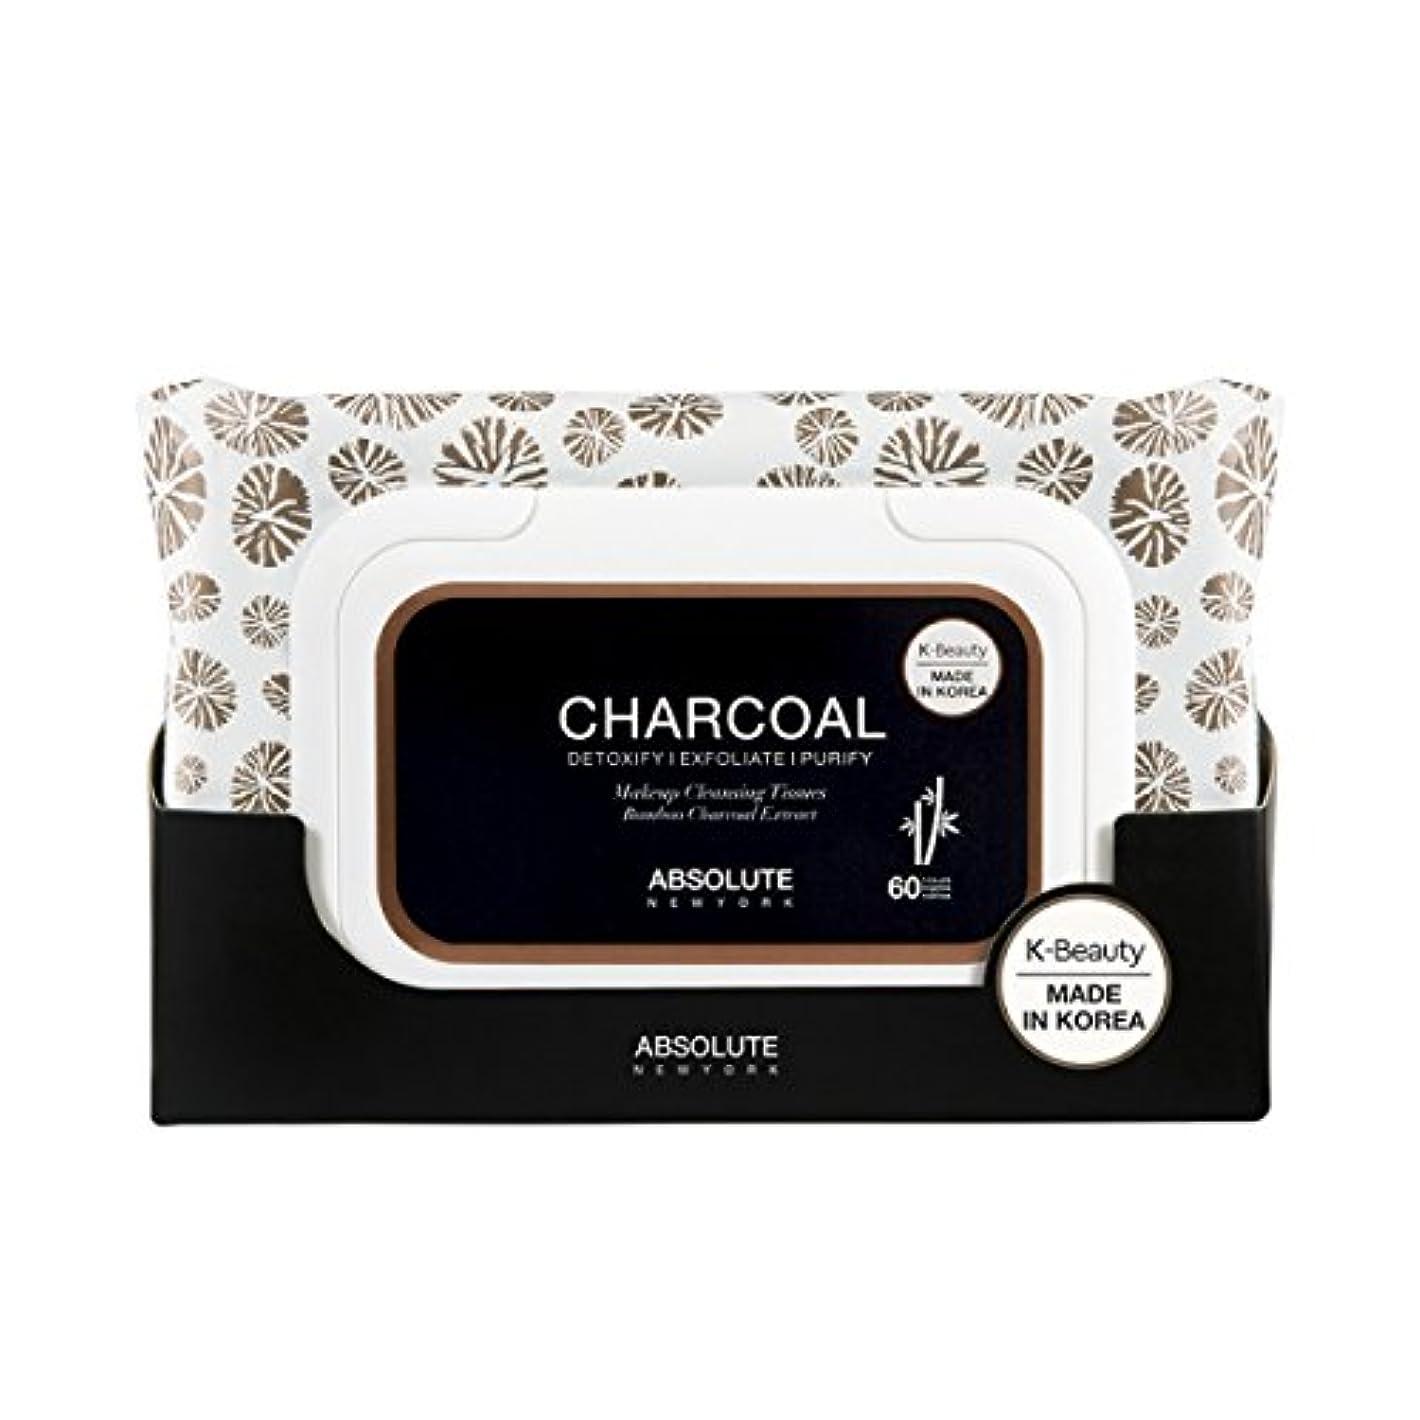 宿題観光に行く感嘆符(6 Pack) ABSOLUTE Charcoal Cleansing Tissue (並行輸入品)